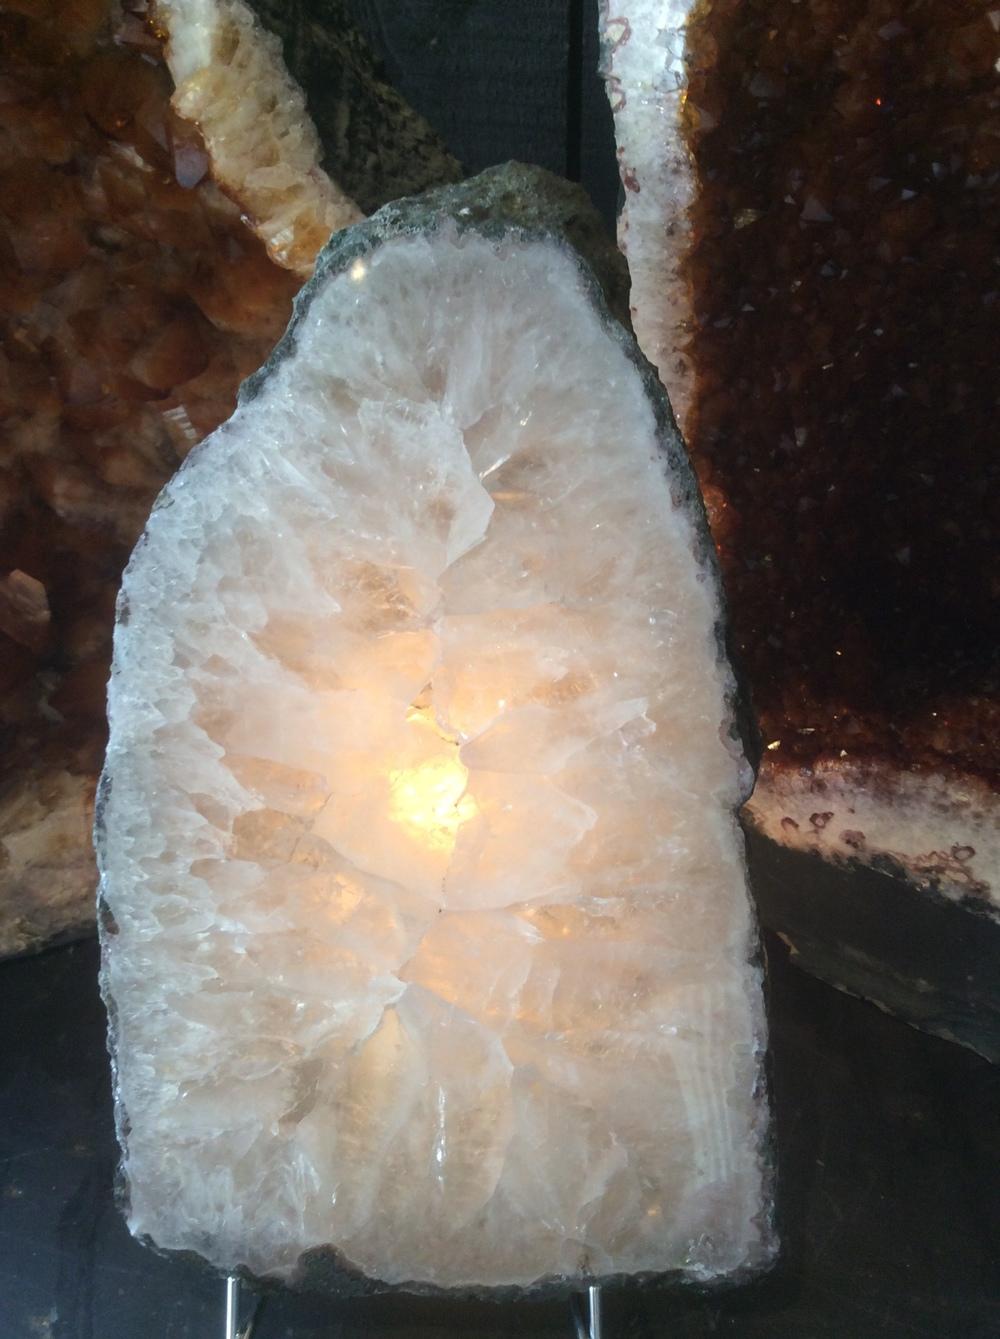 amethyst slice (back-lit)